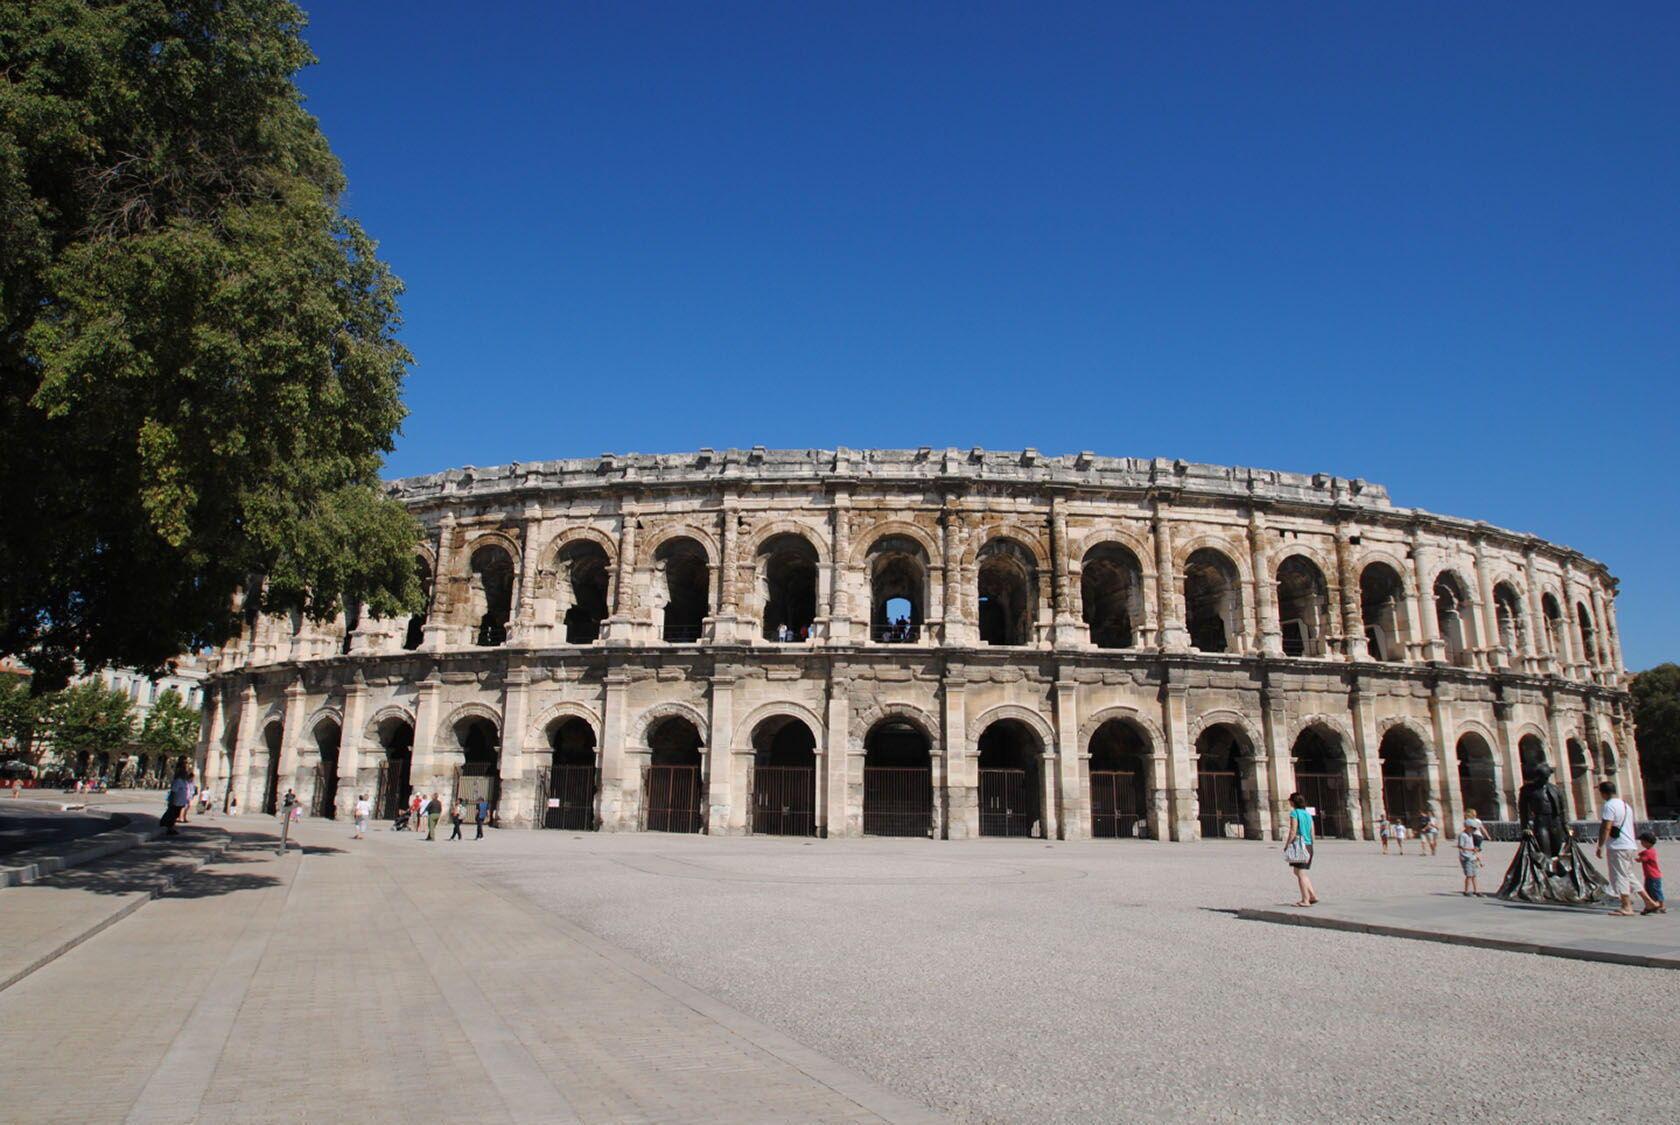 Nimes arena Amphitheatre